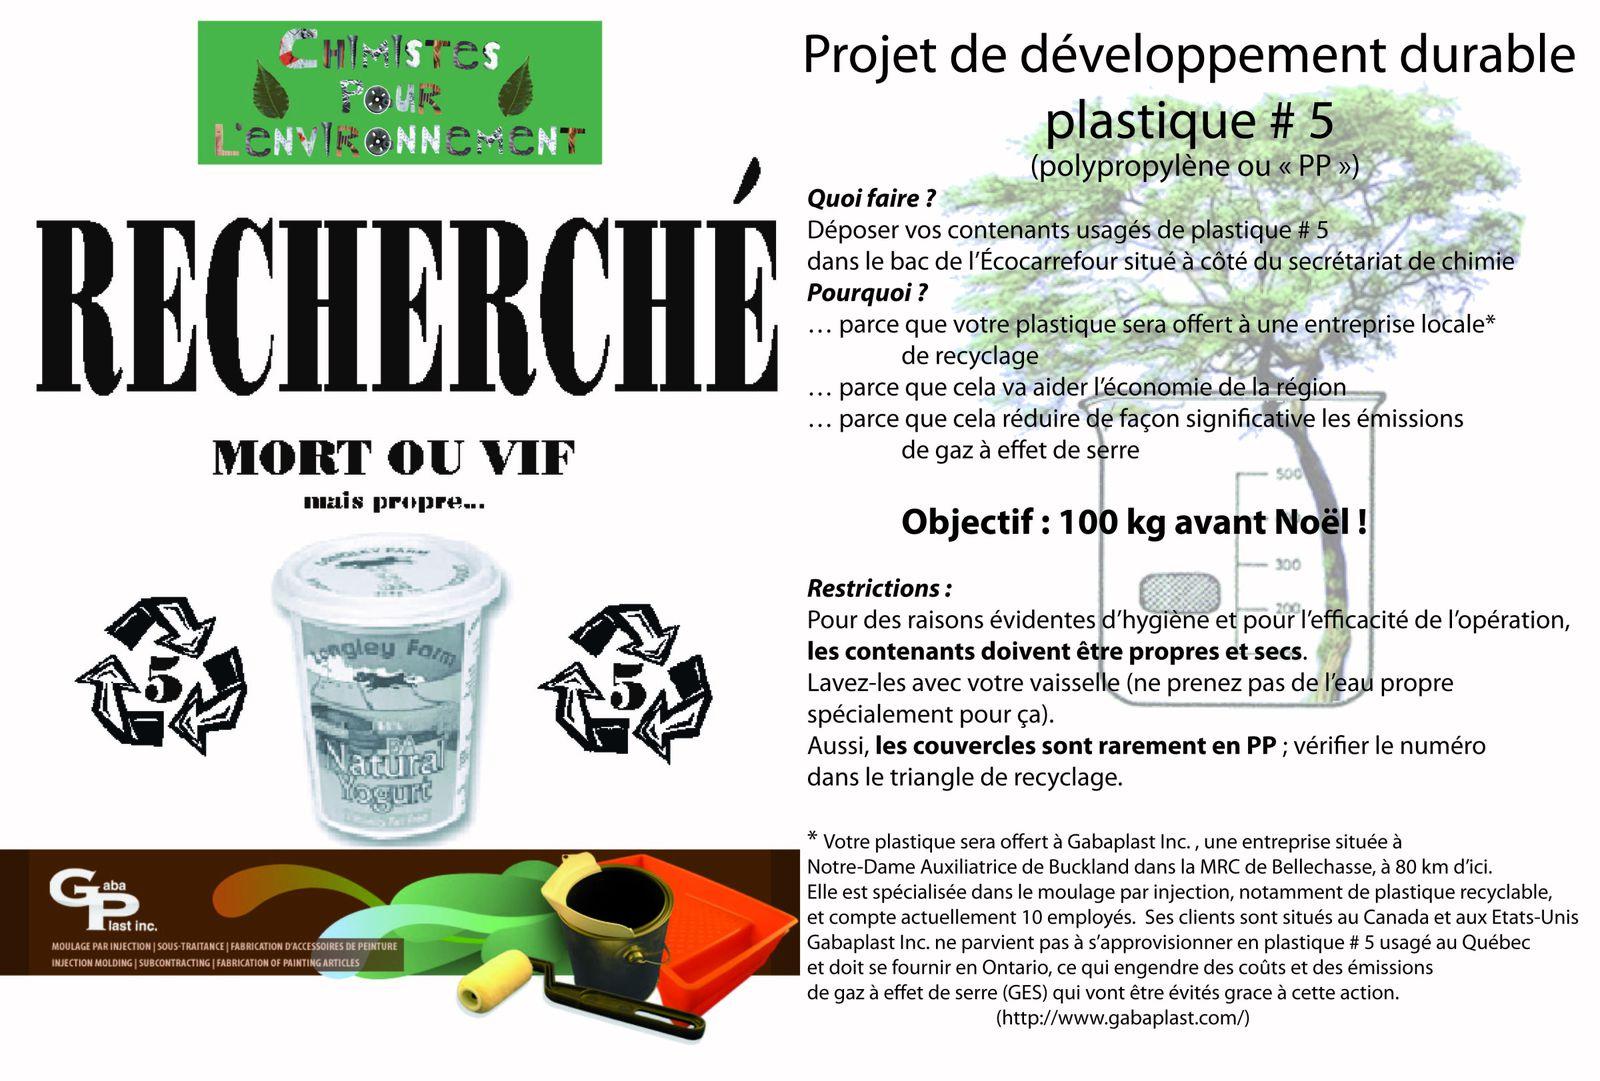 Affiche des Chimistes pour l'environnement - Programme de cueillette de plastique #5 (polypropylène ou pp)